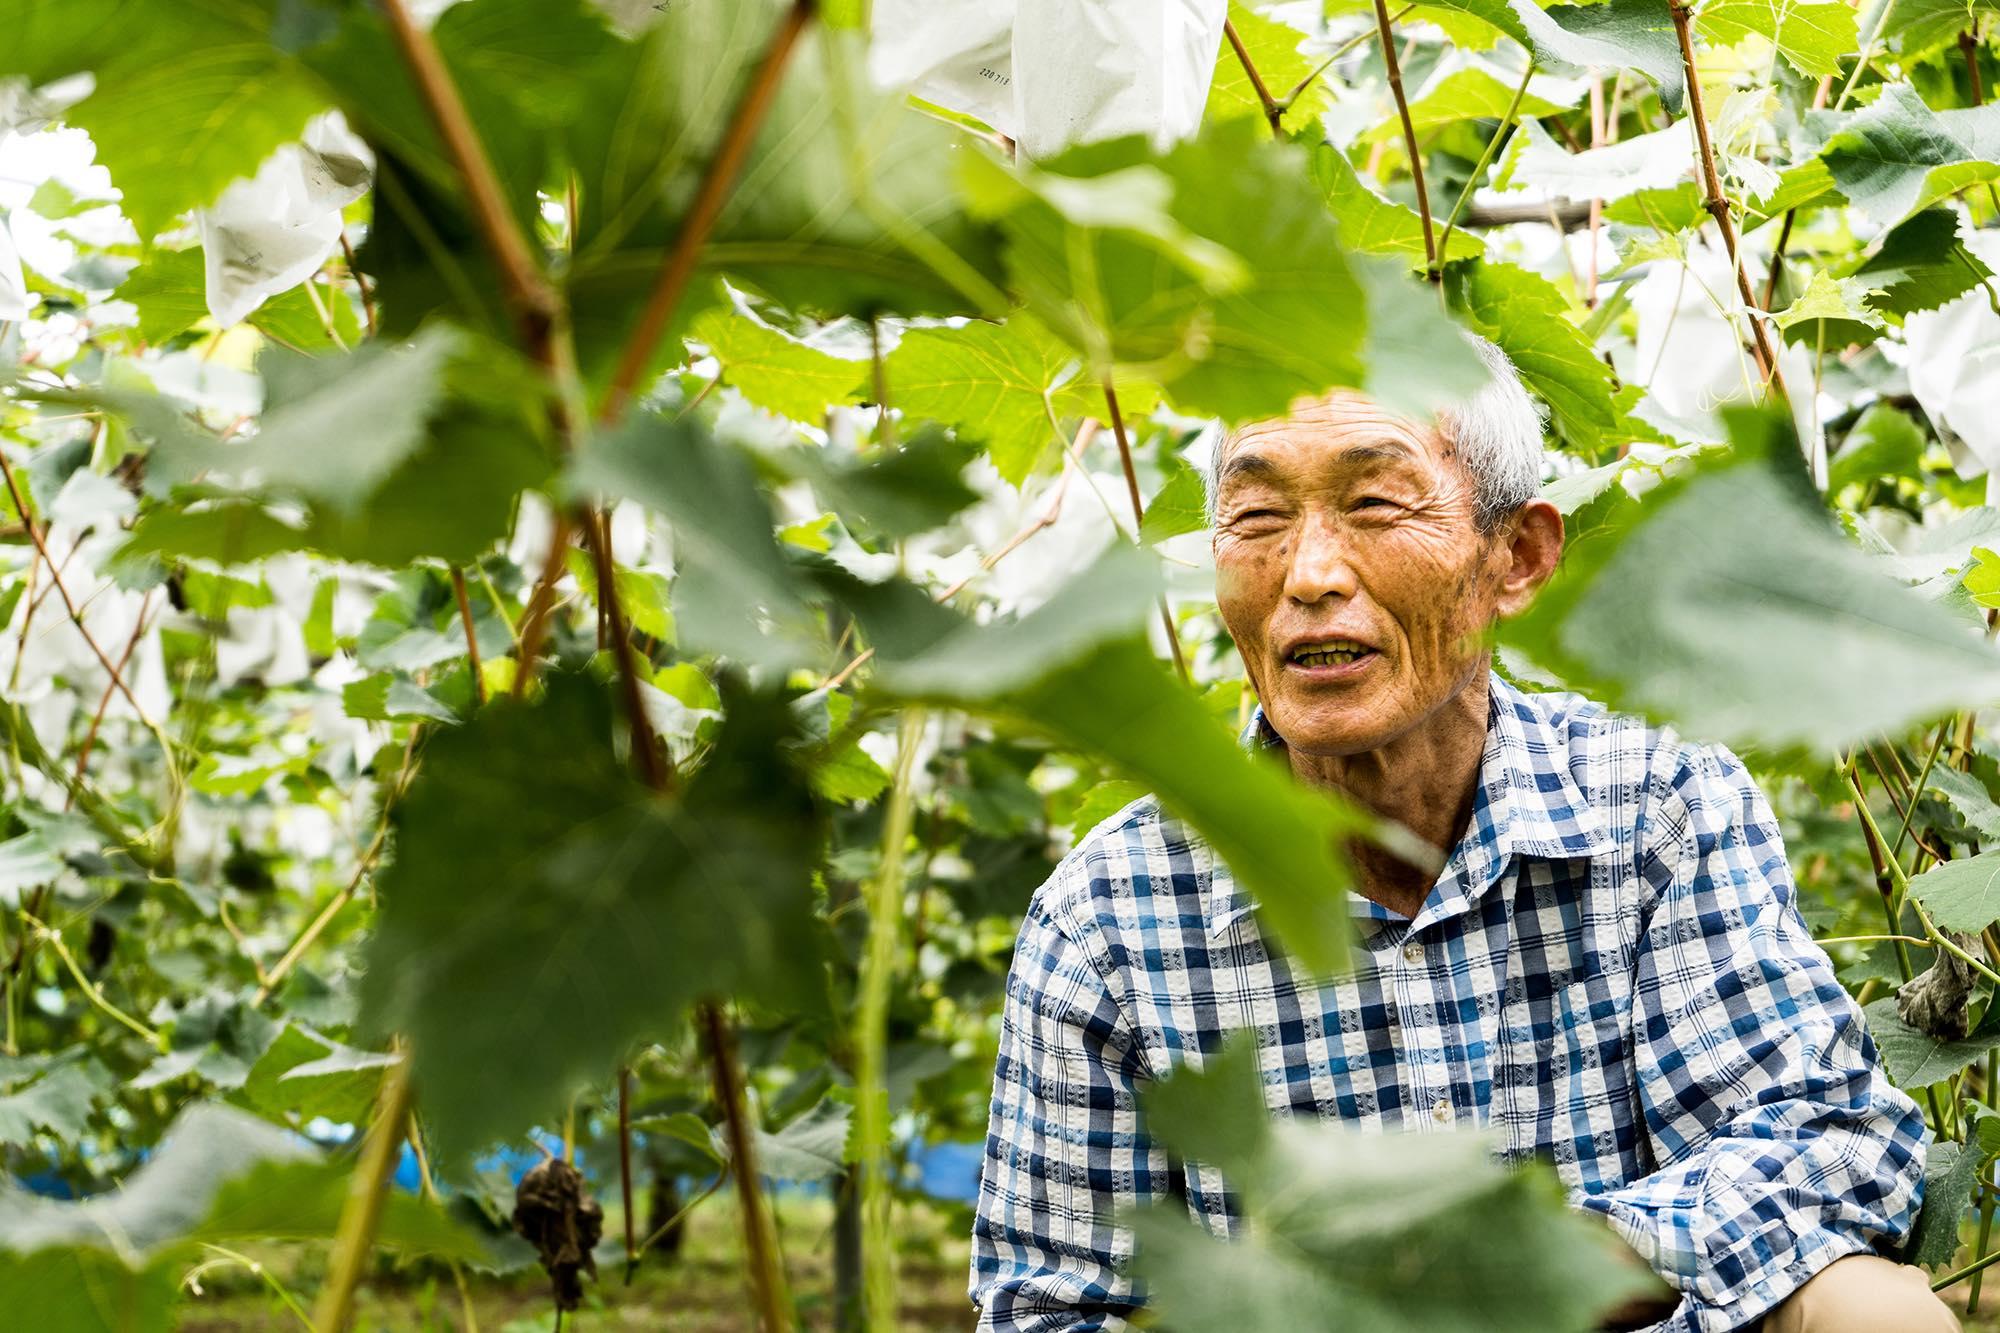 宮崎県の地域商社がガイアックス「スタートアップスタジオ」発の農業人材マッチング事業と提携